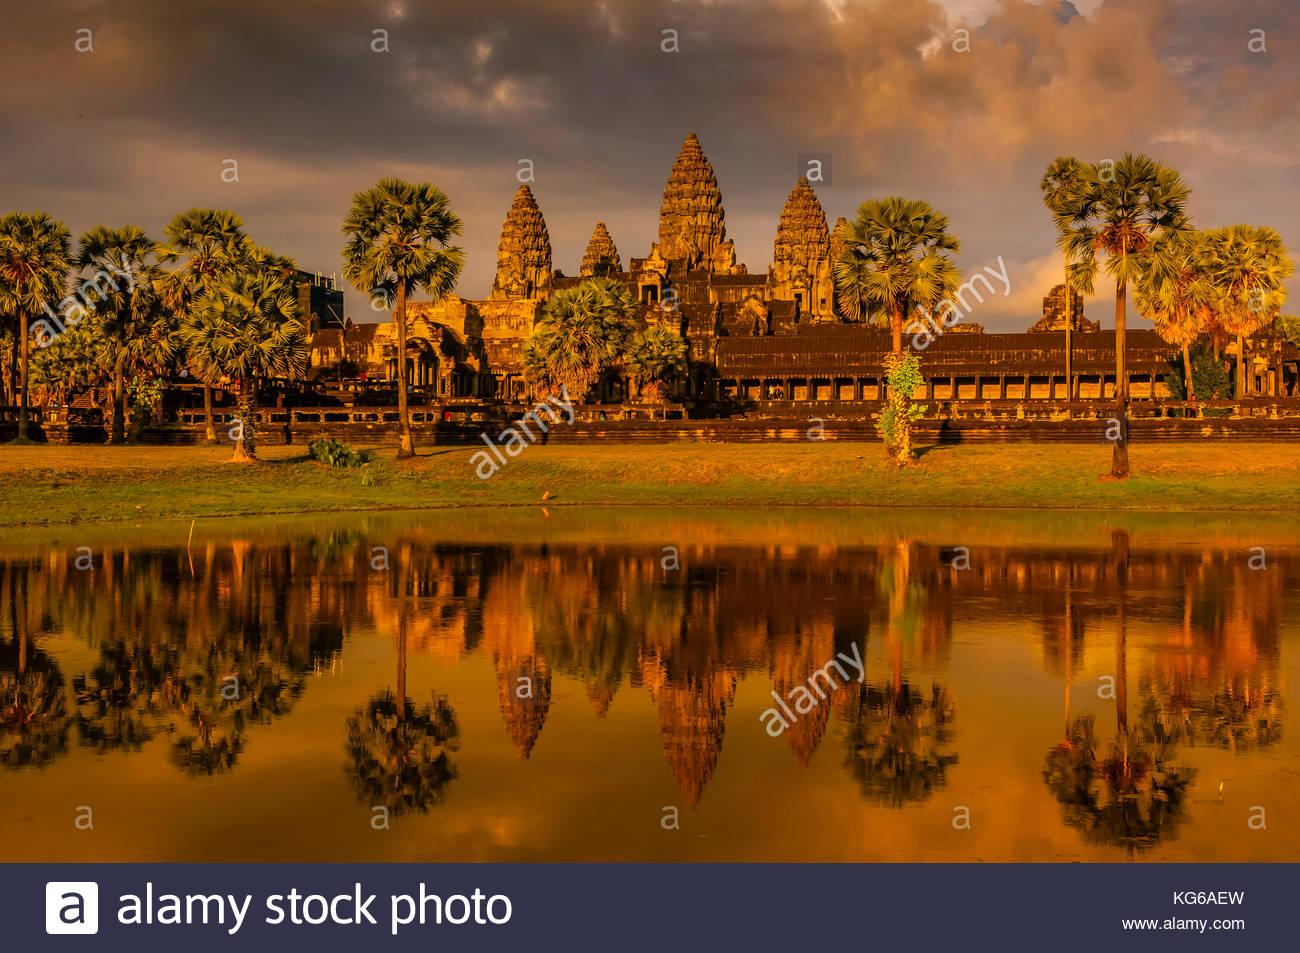 Angkor Wat, el monumento religioso más grande en el mundo (significa ciudad que es un templo); Camboya. Imagen De Stock